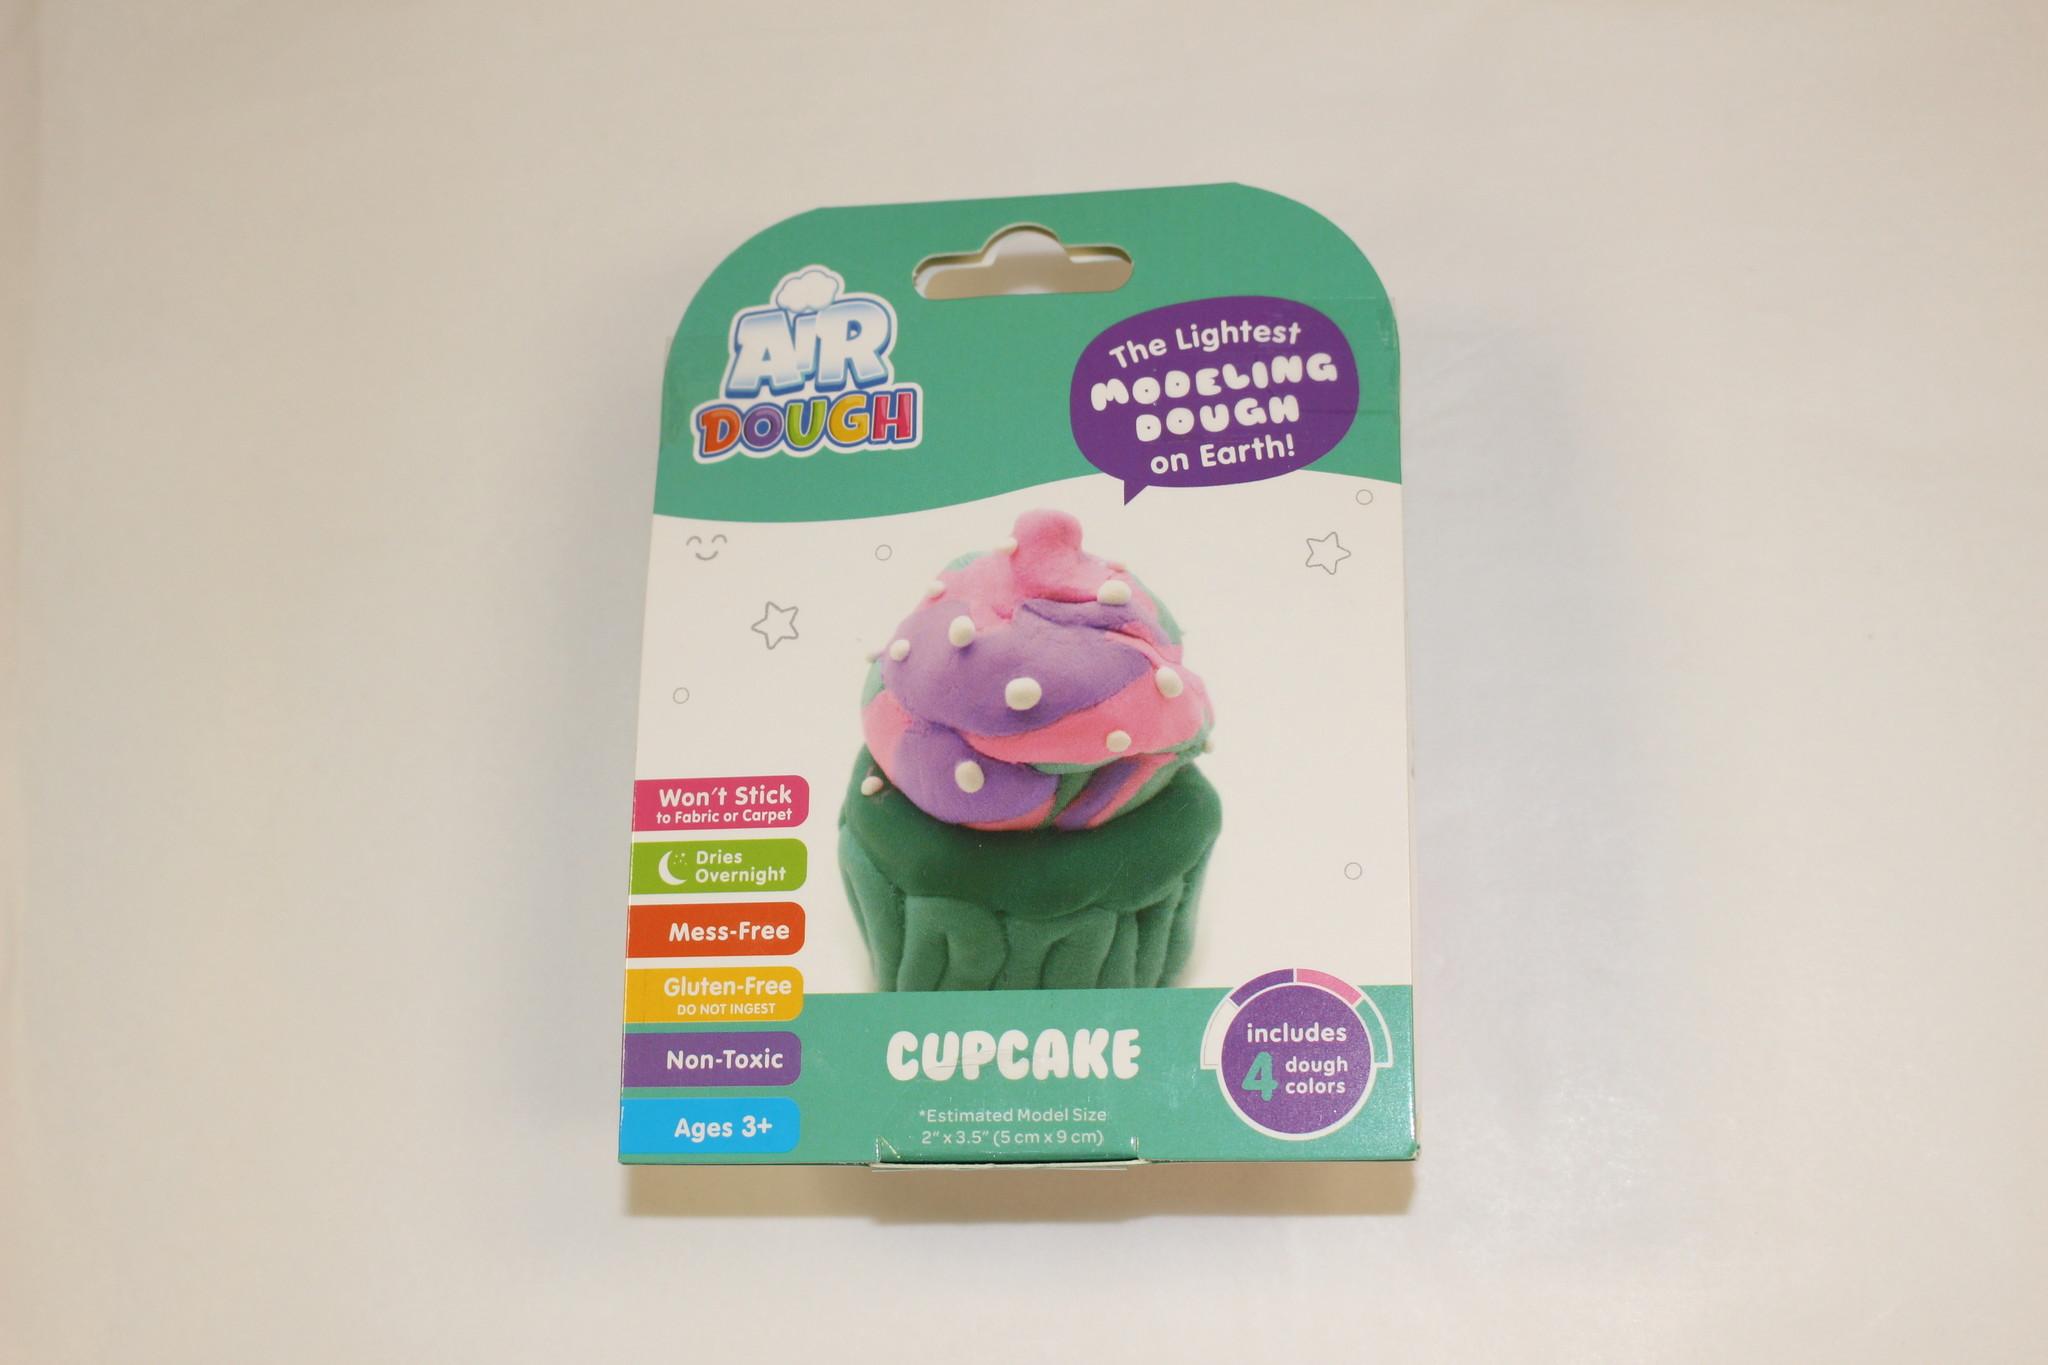 Air Dough Cupcake Tub